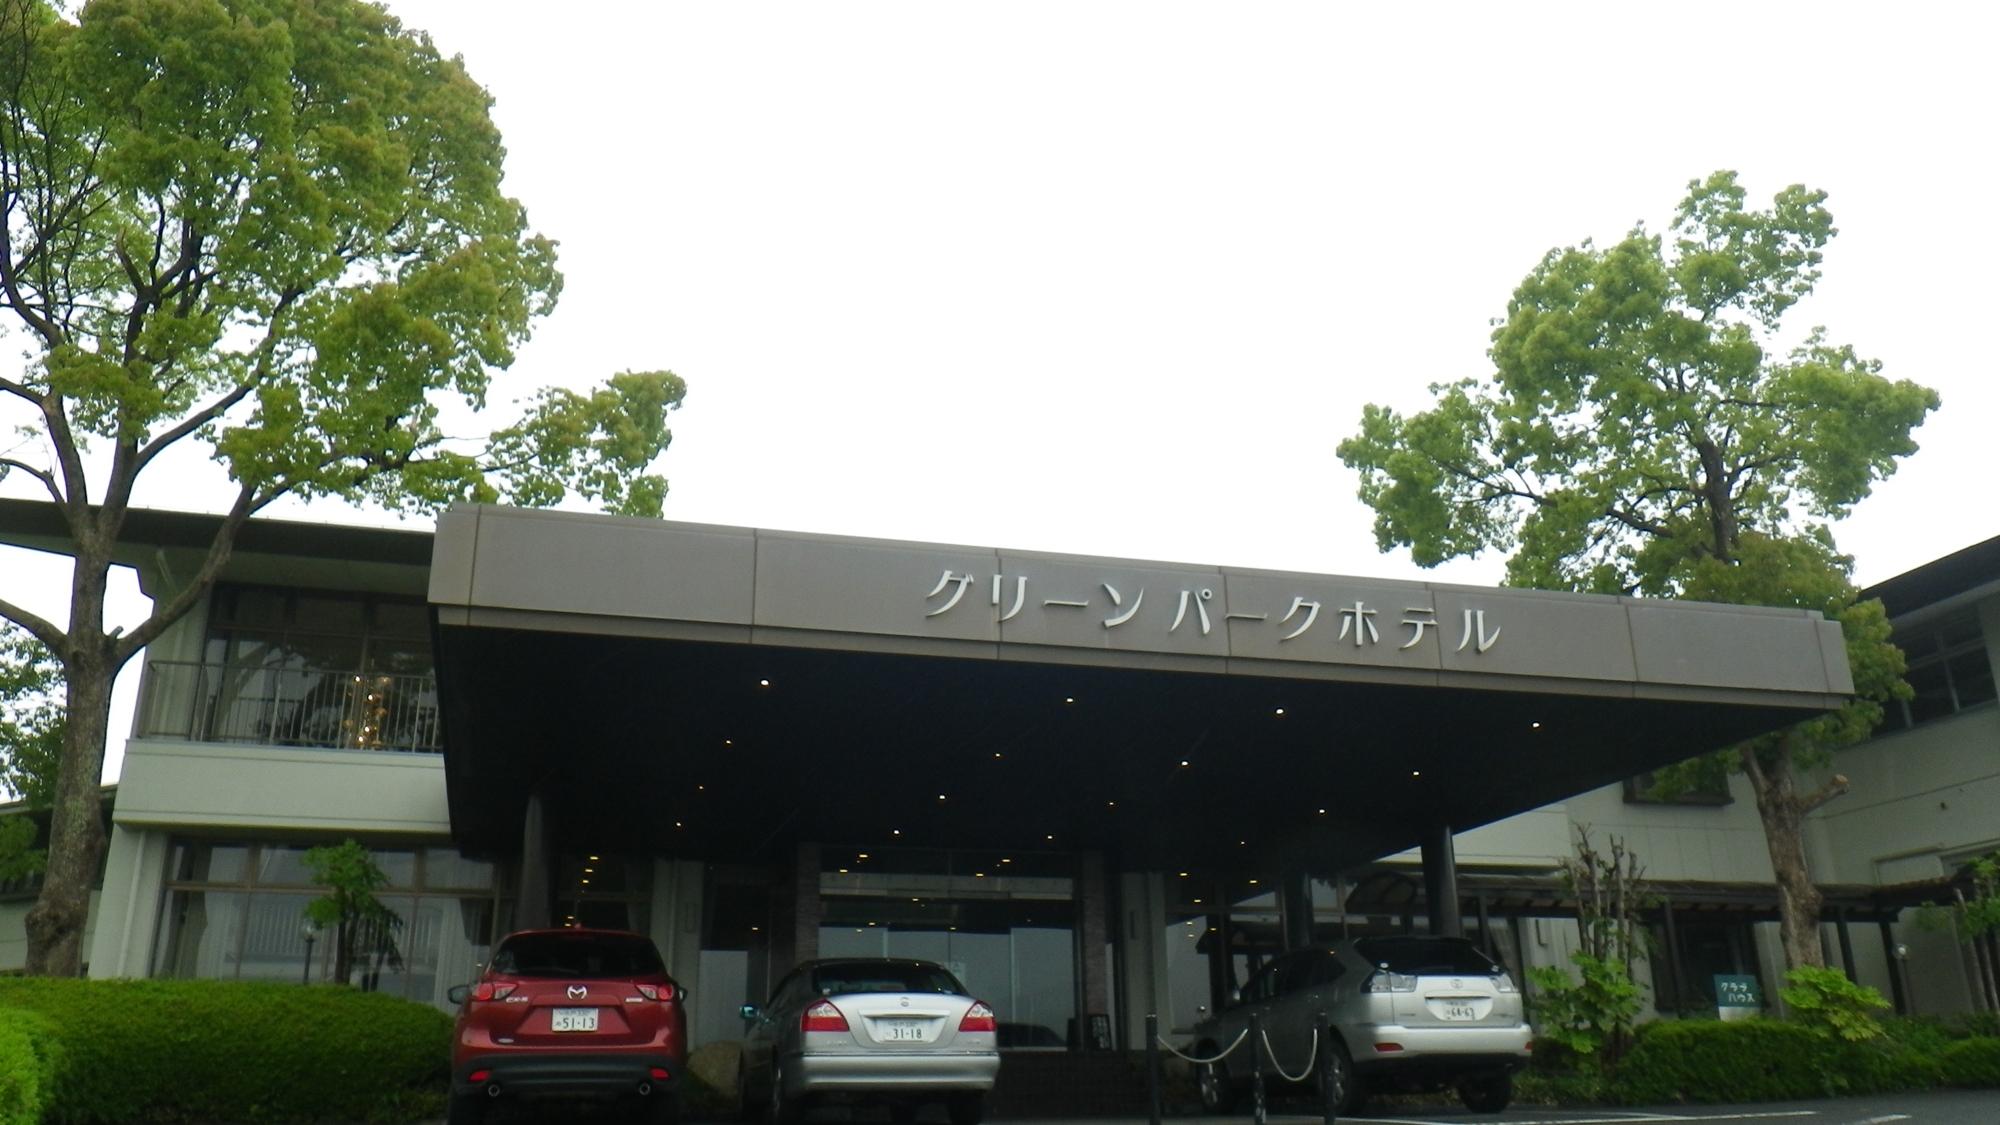 グリーン パーク ホテル◆楽天トラベル